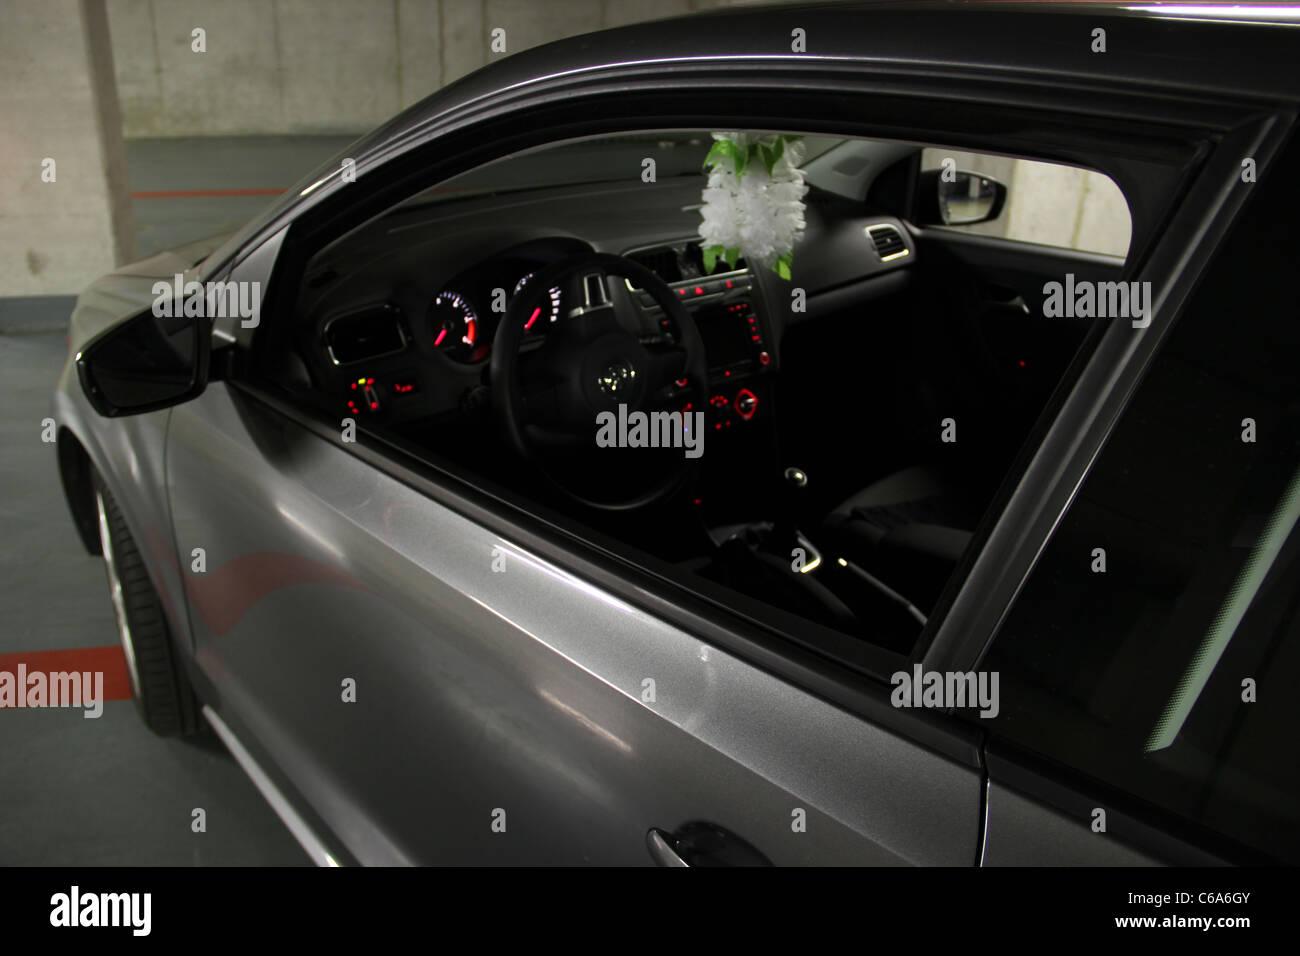 Dies war ein Shooting von einem Volkswagen Polo 6R Interieur ...